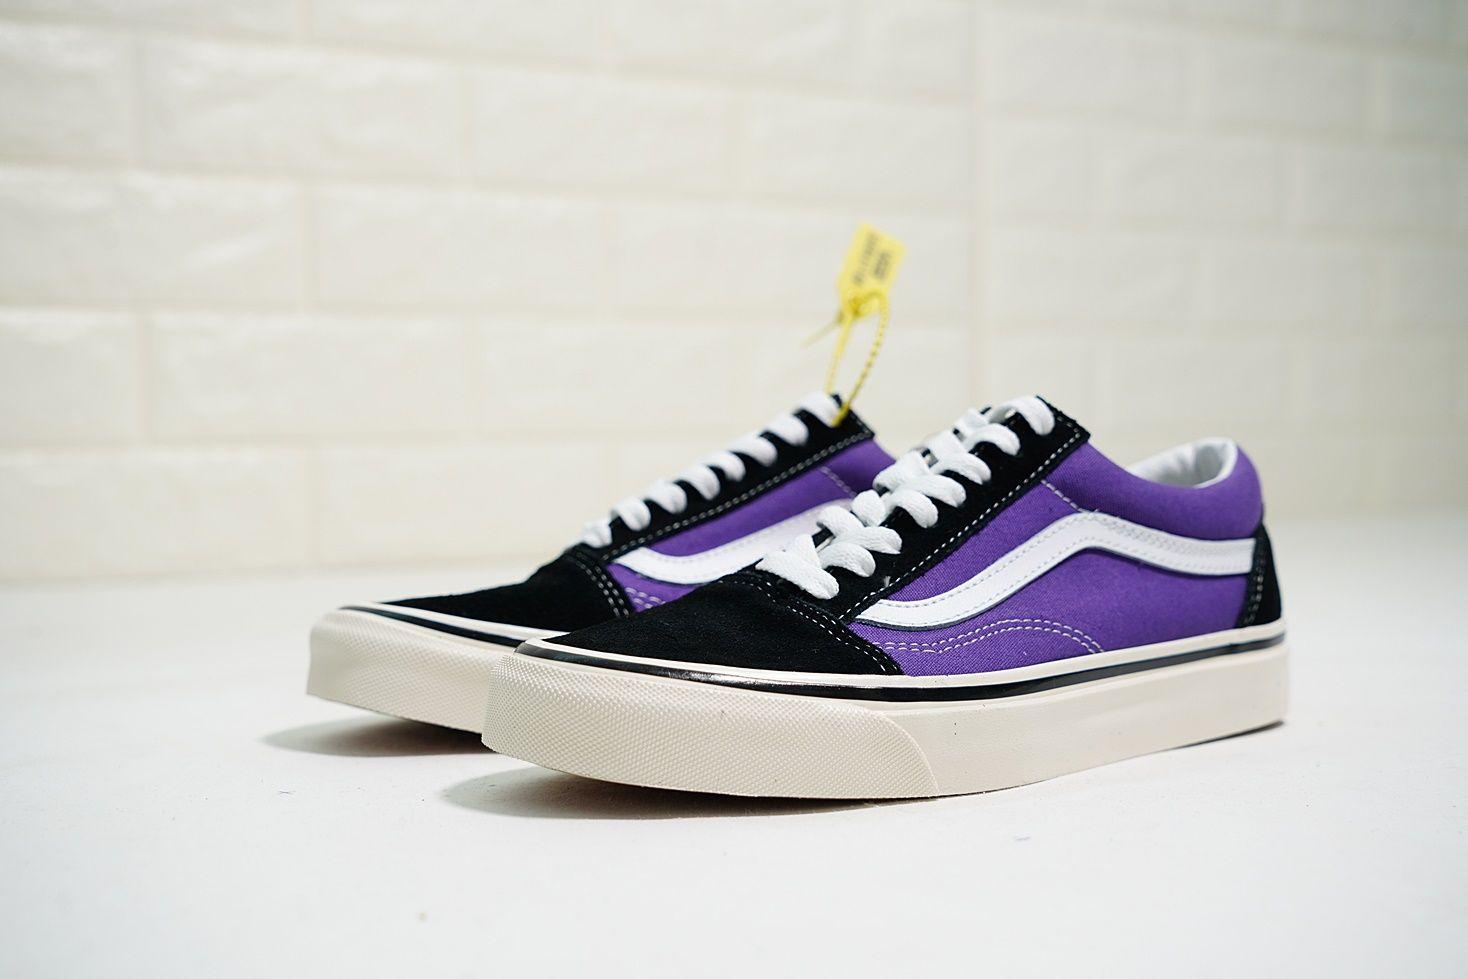 vans官網vans old skool 36 dx 時尚情侶低筒滑板鞋香芋紫黑白 7b9334042